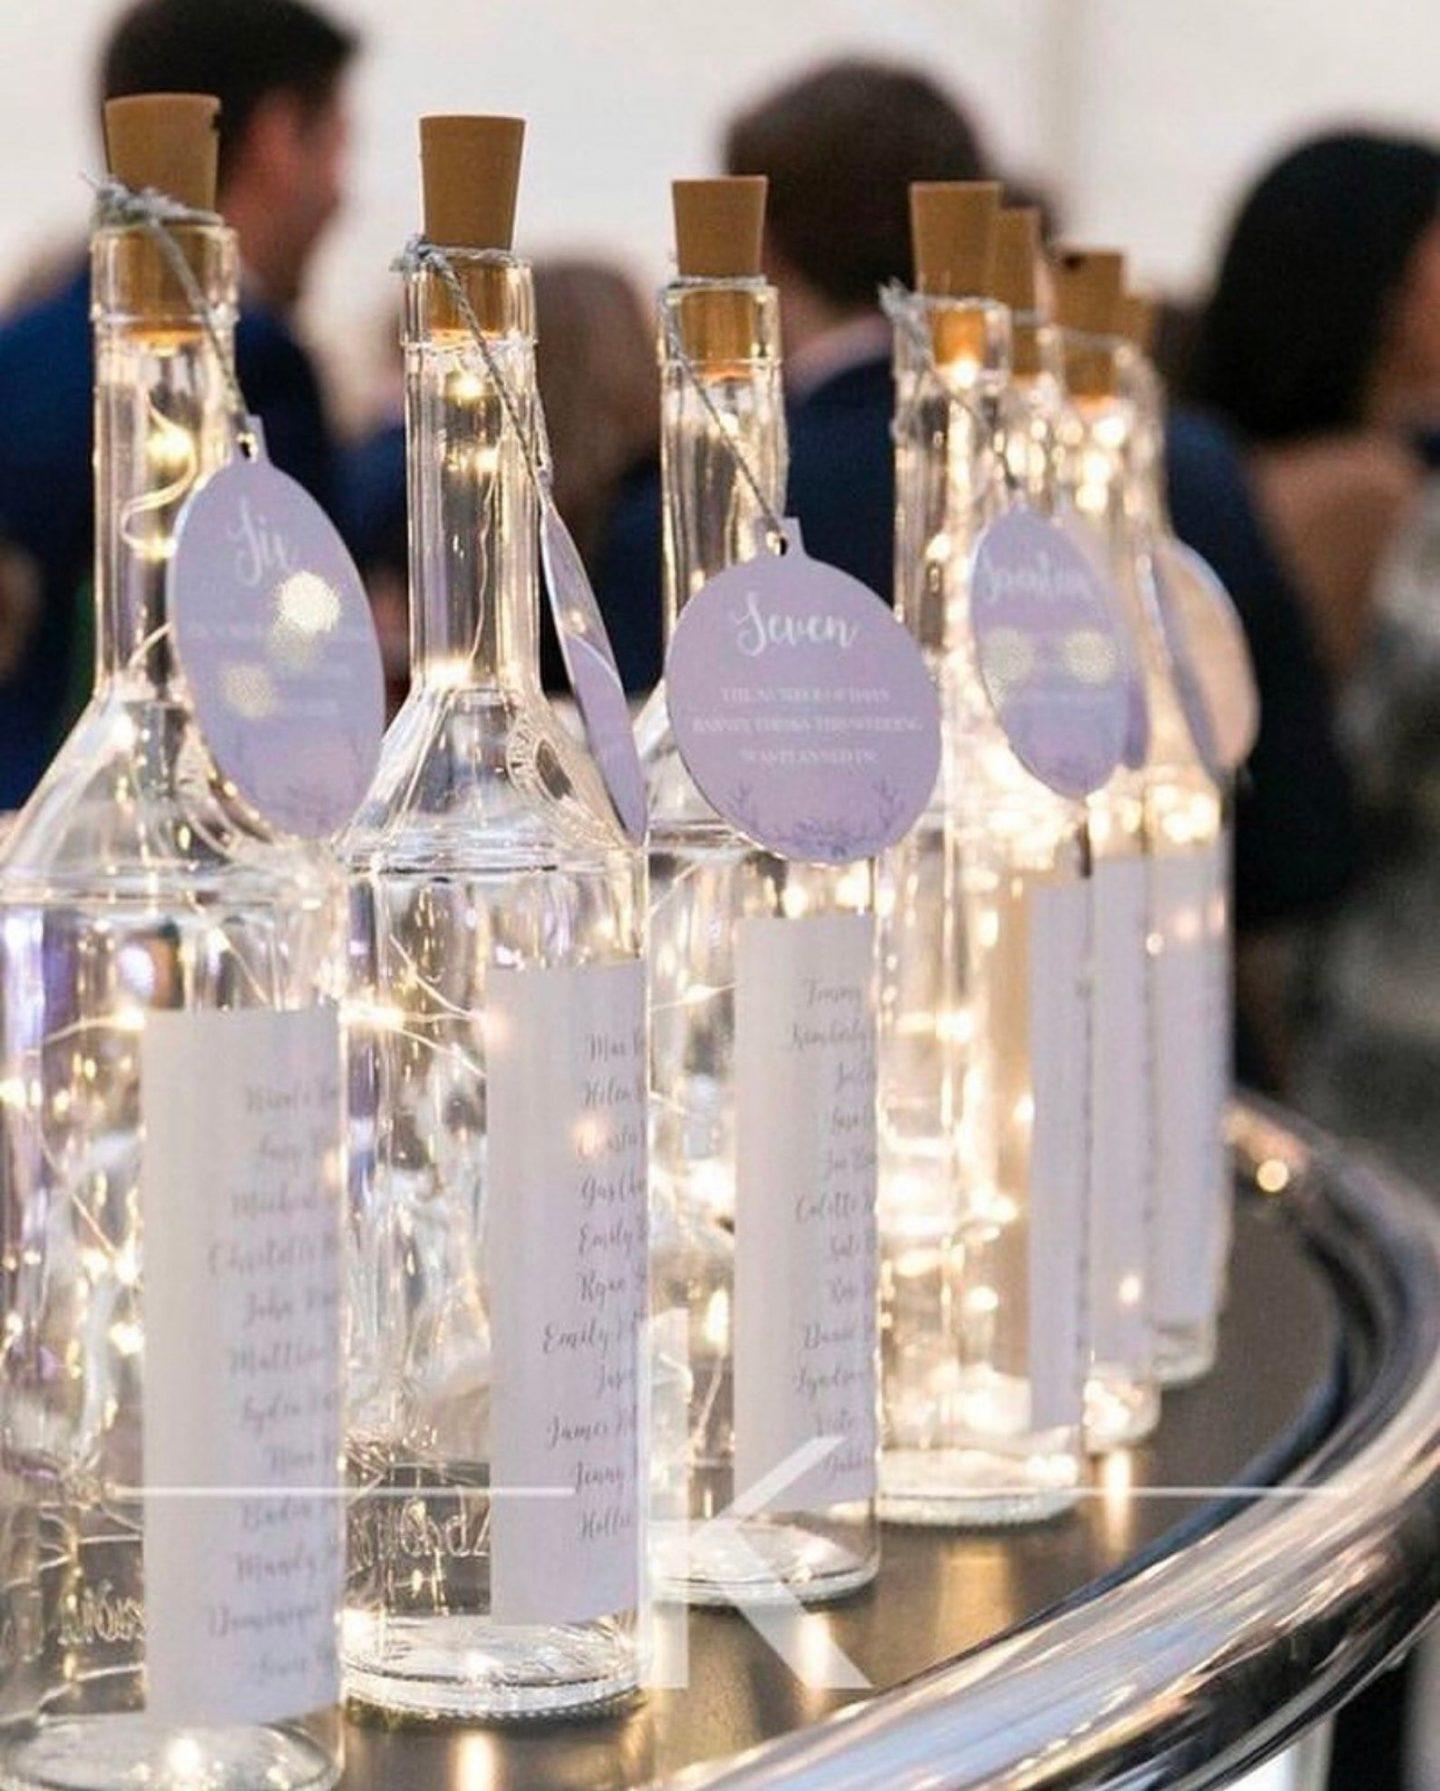 Bottle lights for decoration